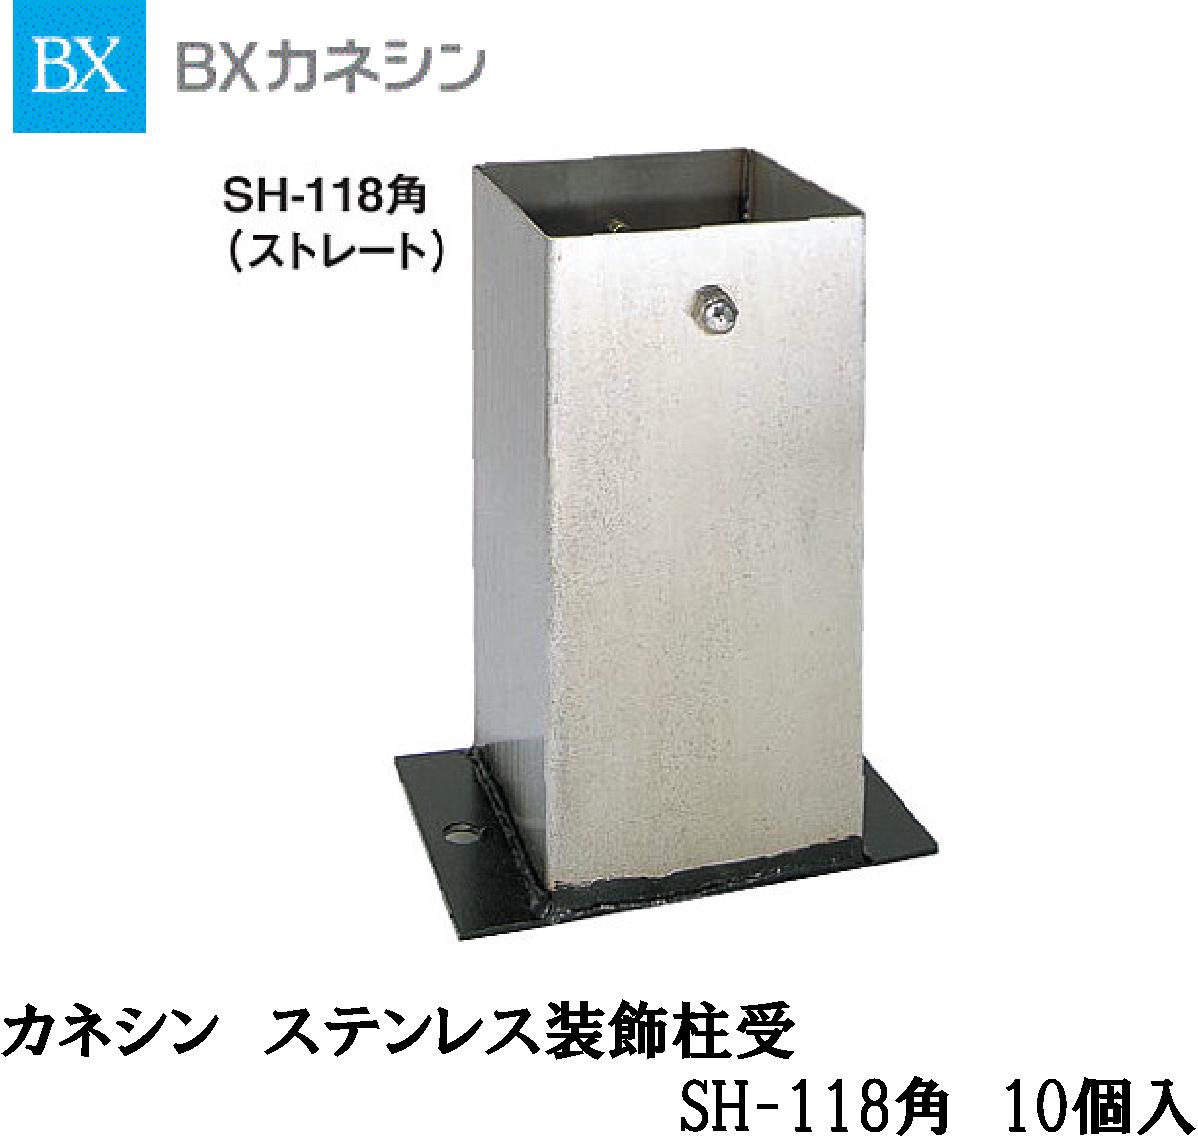 BXカネシン【ステンレス装飾柱受 SH-118角 130500 10入】